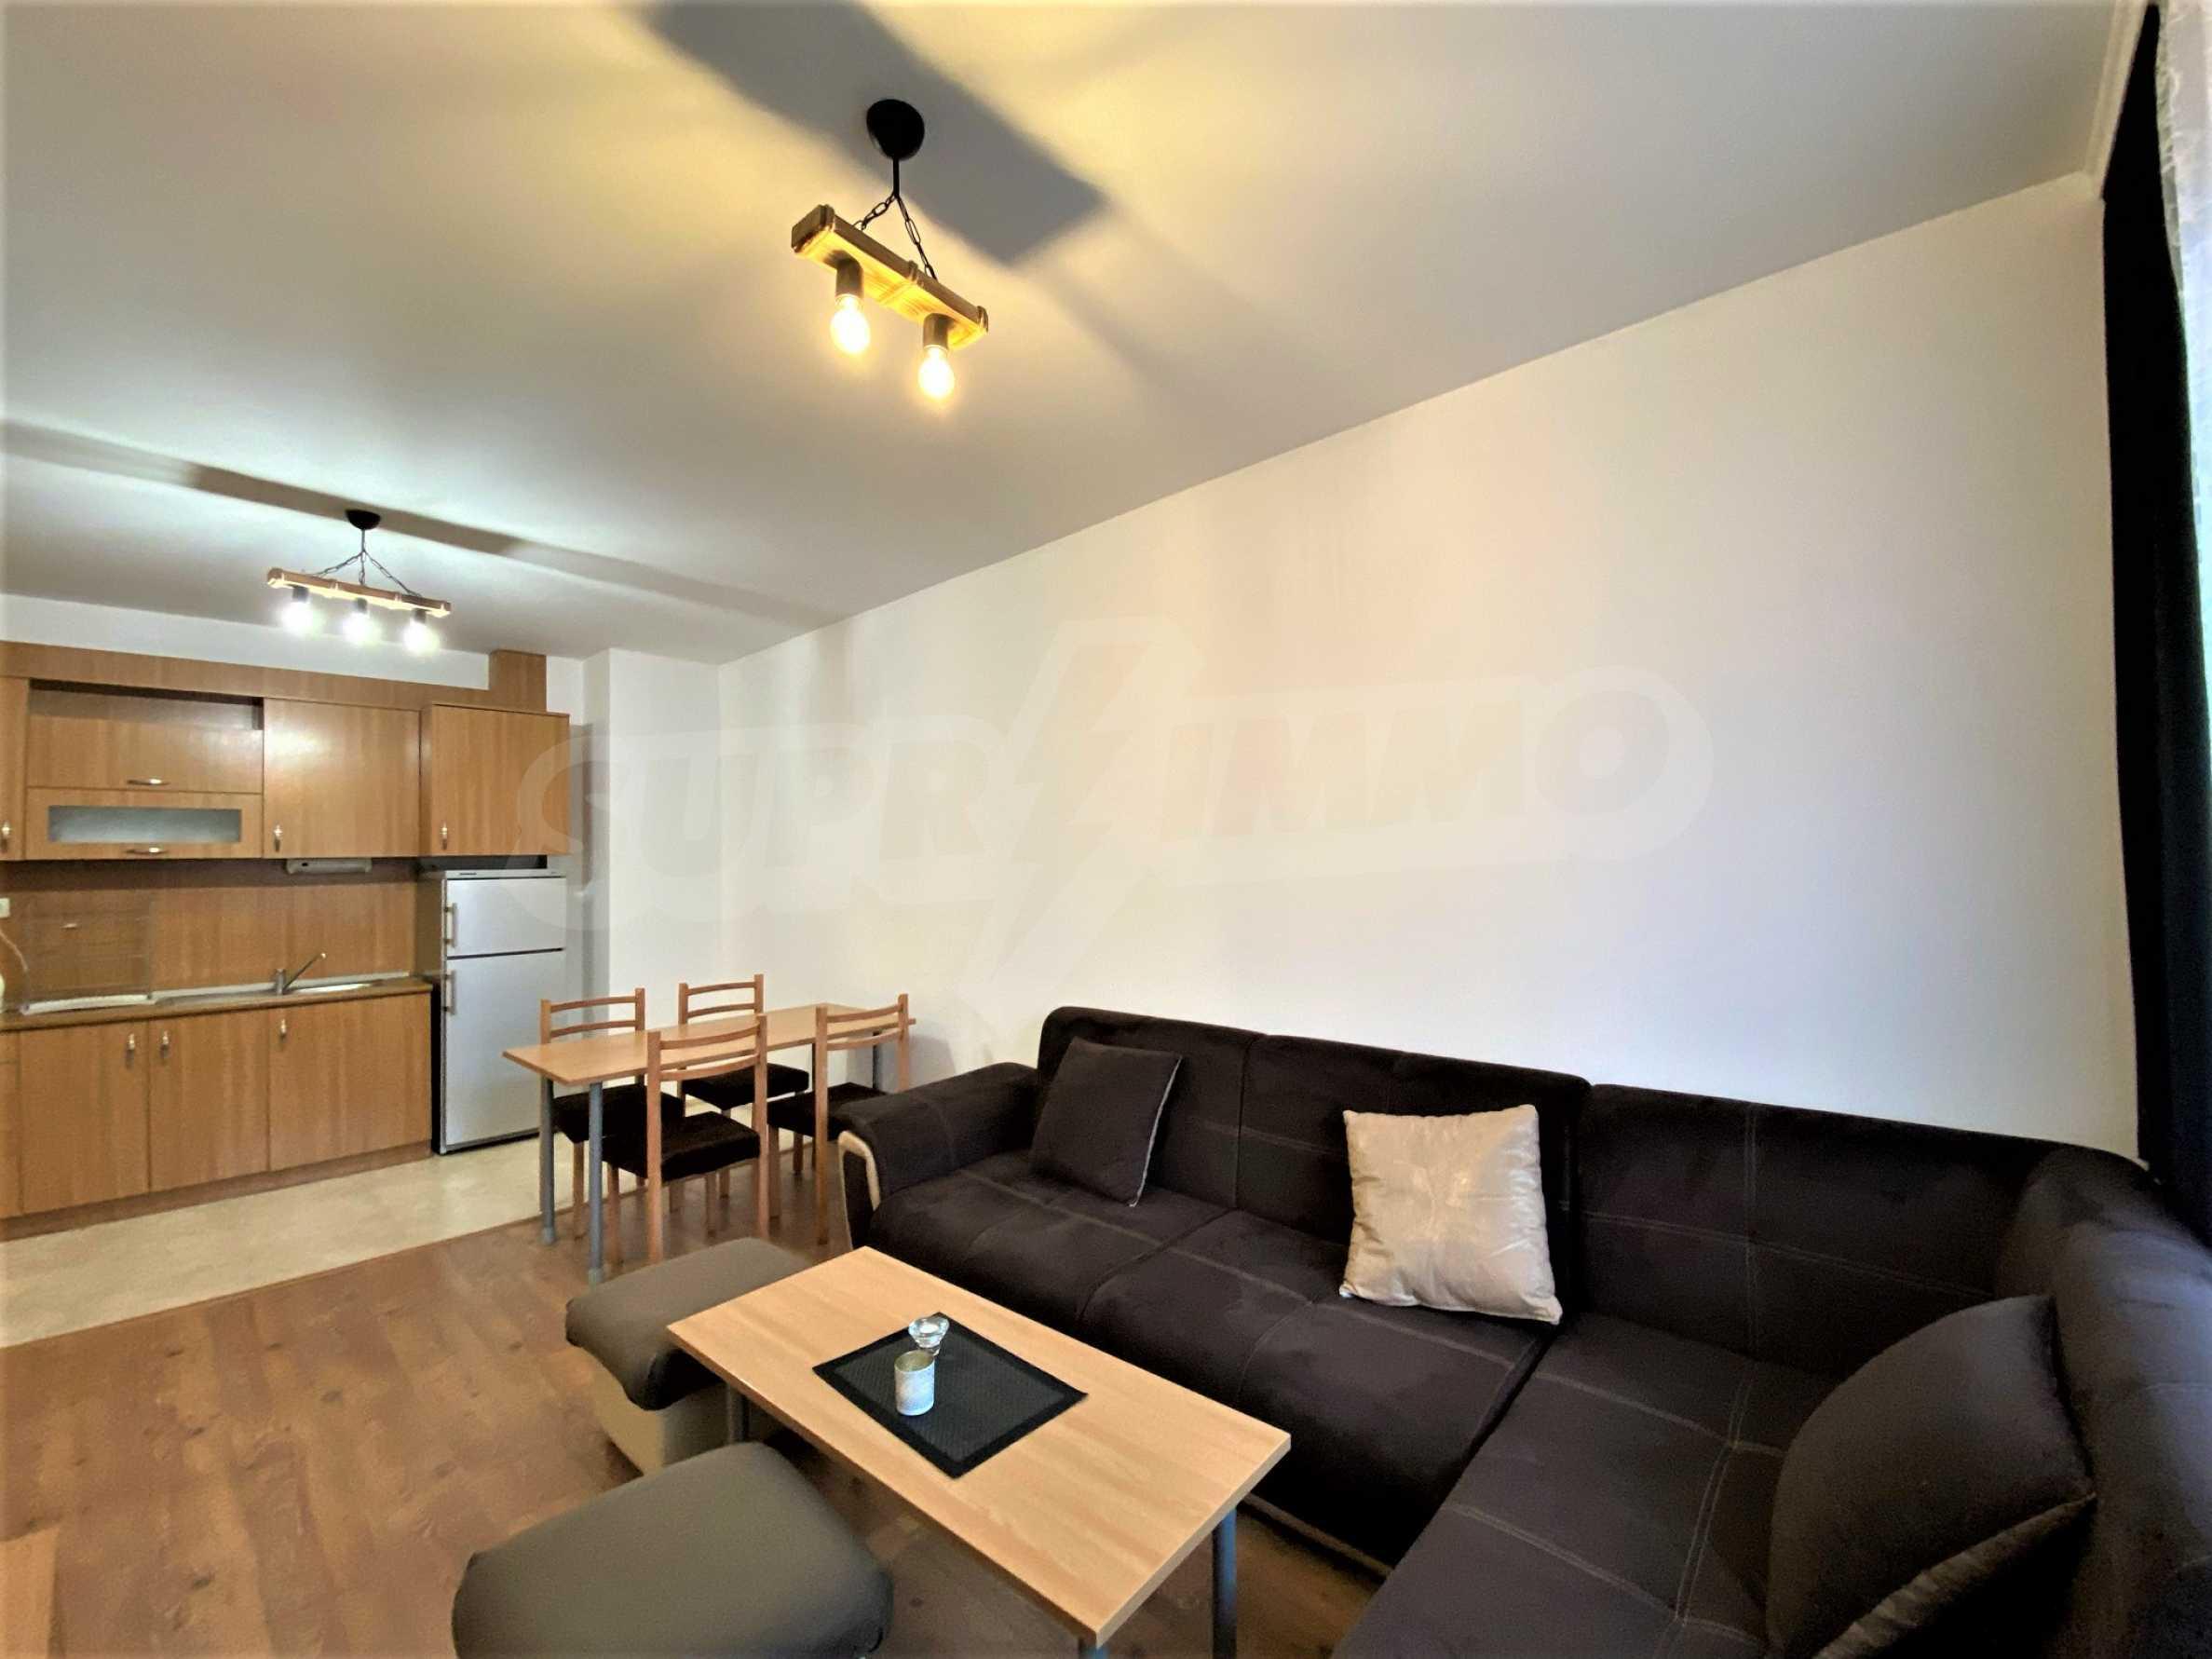 Apartment mit zwei Schlafzimmern zum Verkauf in der Nähe des Skigebiets in Bansko 2